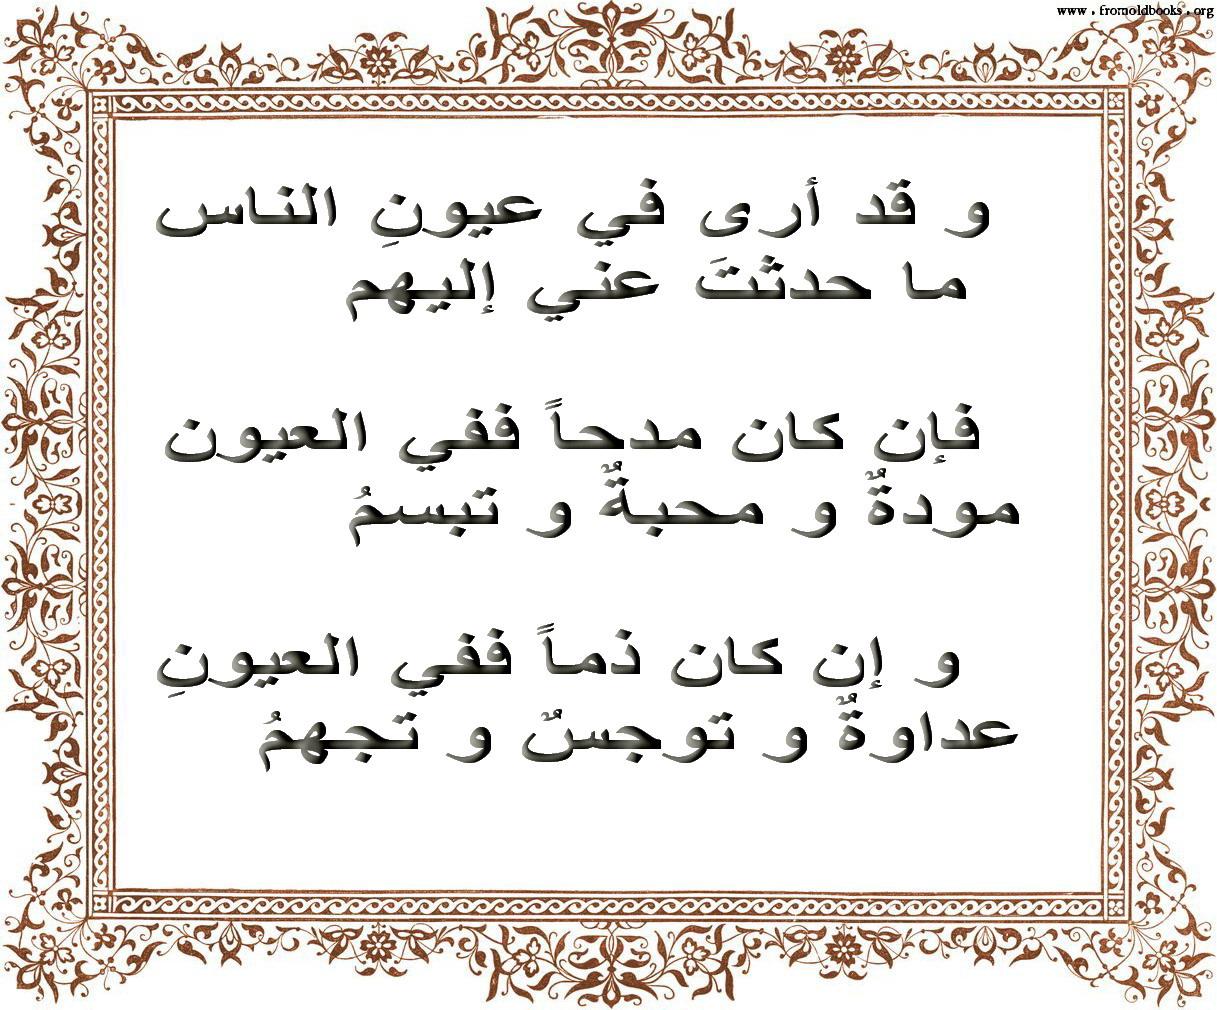 بالصور قصائد غزل فاحش , اروع اشعار الغزل لنزار قبانى 4985 6